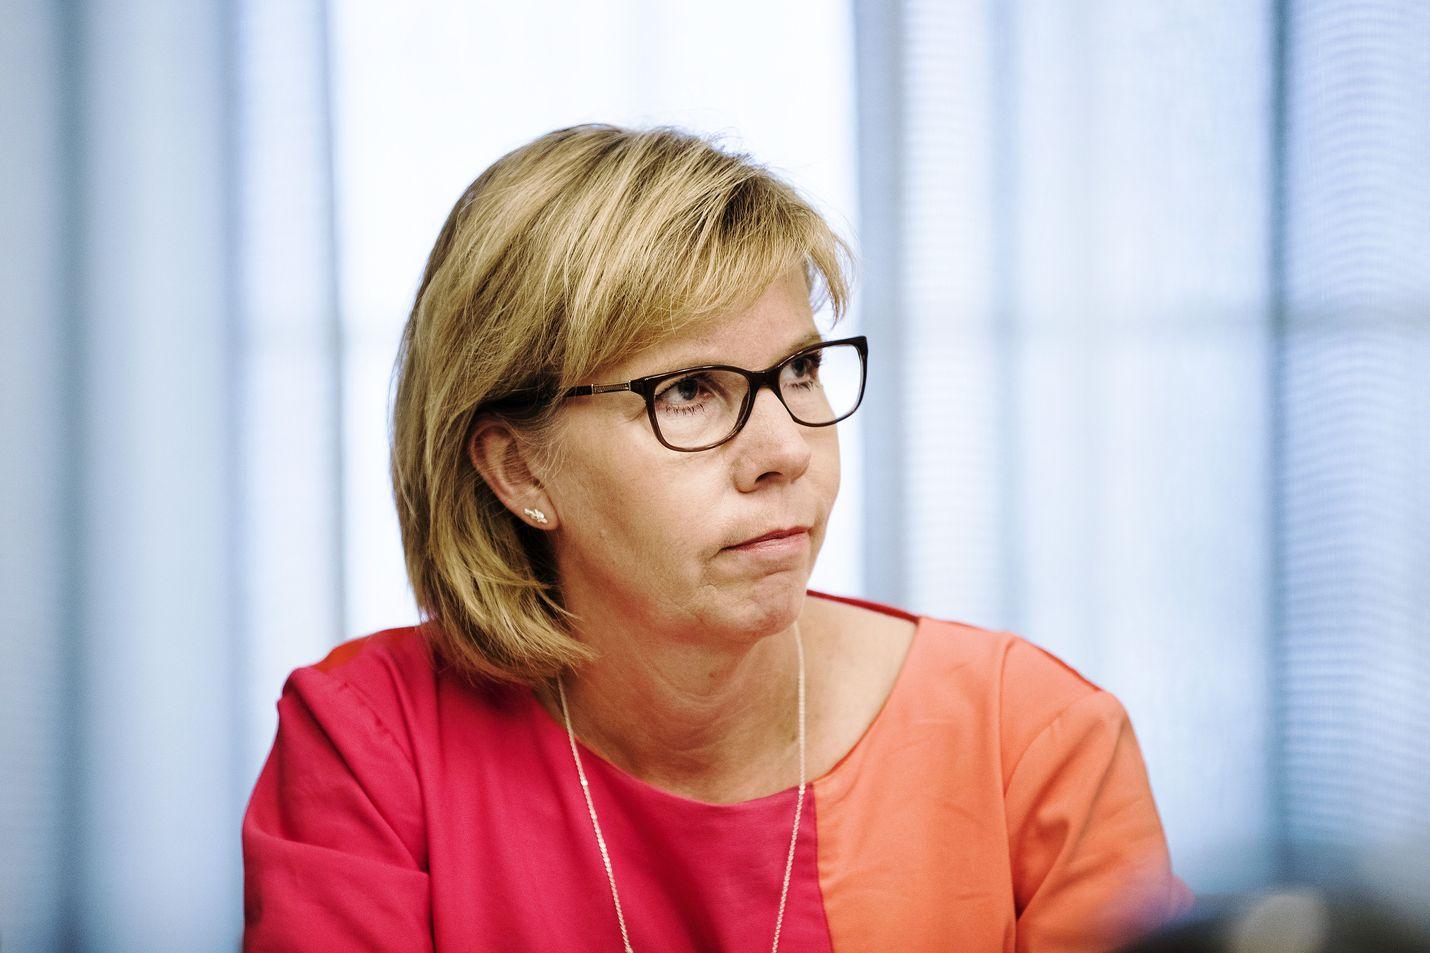 Anna-Maja Henriksson ihmetteli Juha Sipilän puheita, että keskusta olisi jäänyt yksin puolustamaan kestävää metsätaloutta.